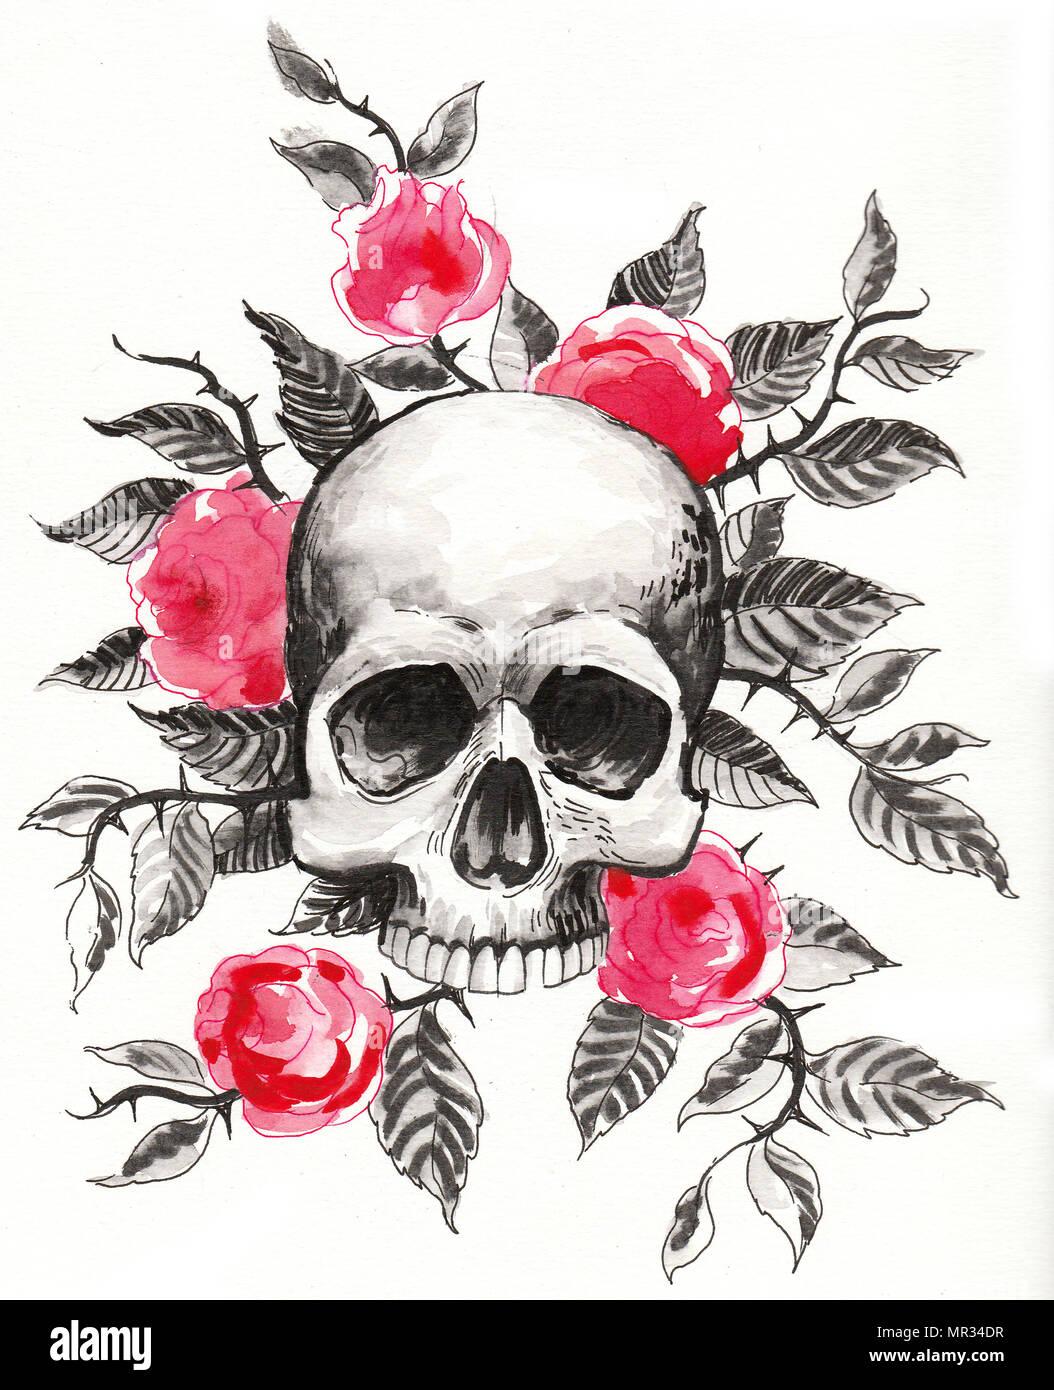 Cráneo Y Rosas Rojas Tinta Y Acuarela Dibujo Foto Imagen De Stock